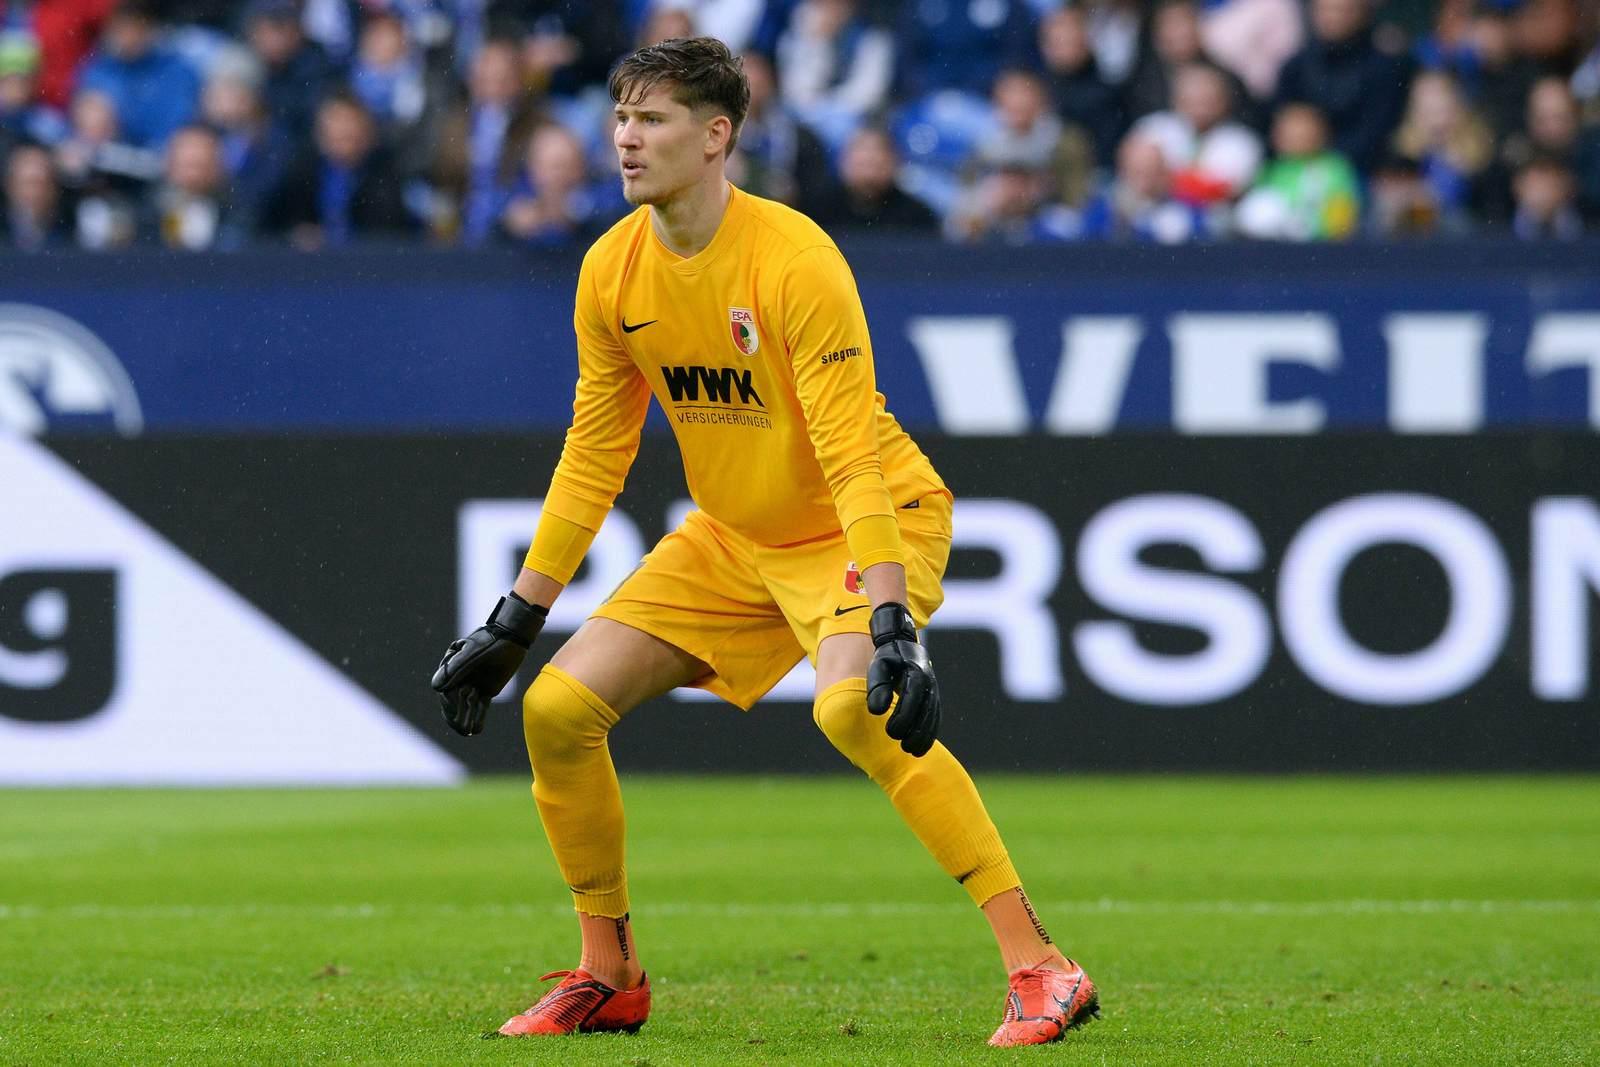 Grekor Kobel im Kasten des FC Augsburg